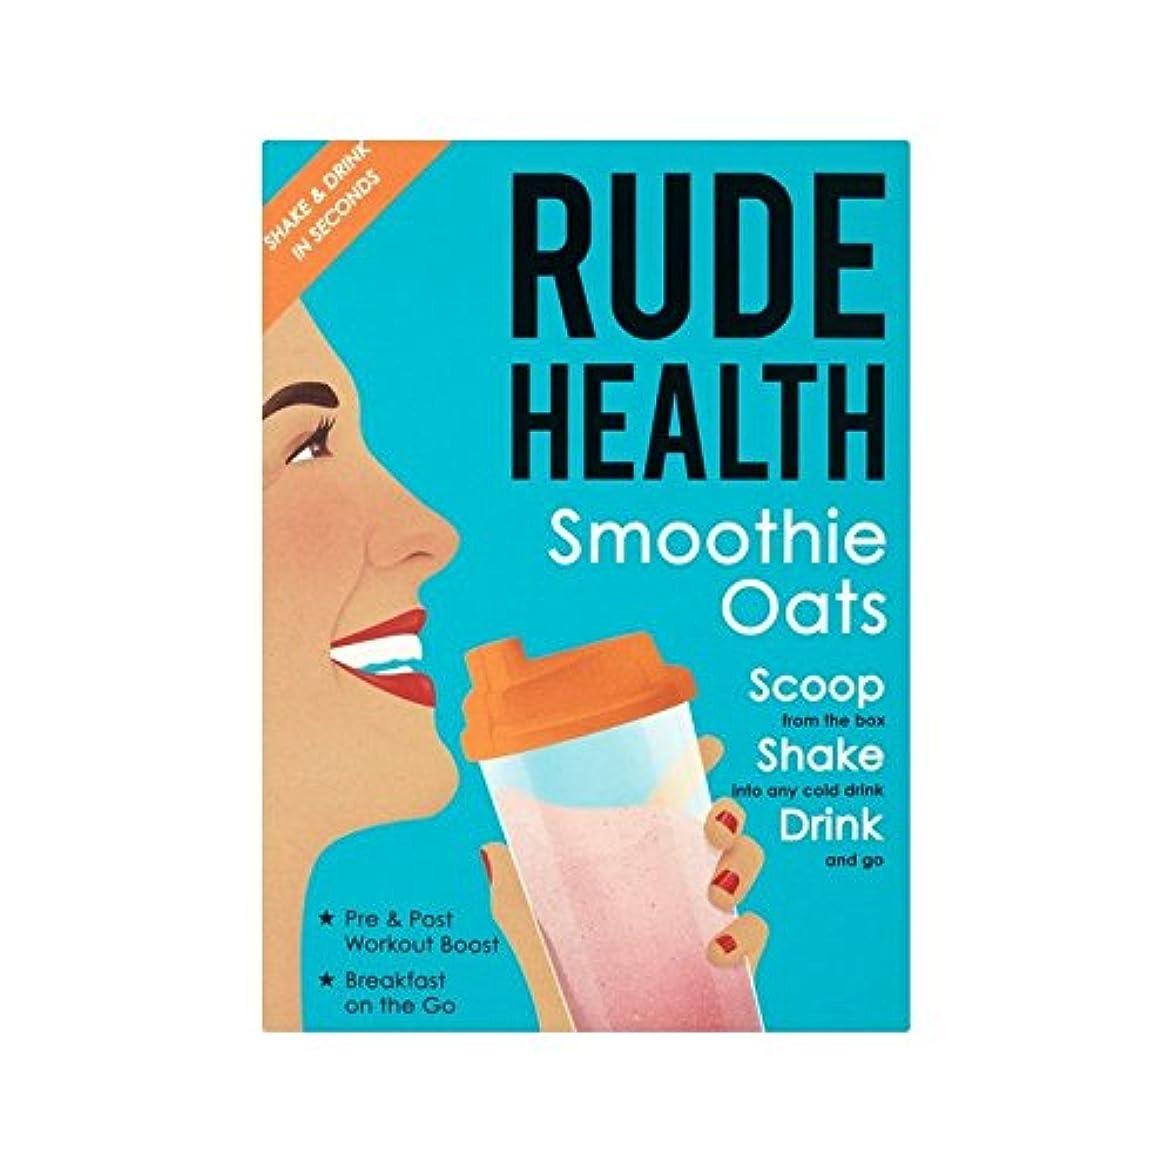 絶滅した名義でマイルストーンスムージーオート麦250グラム (Rude Health) (x 4) - Rude Health Smoothie Oats 250g (Pack of 4) [並行輸入品]